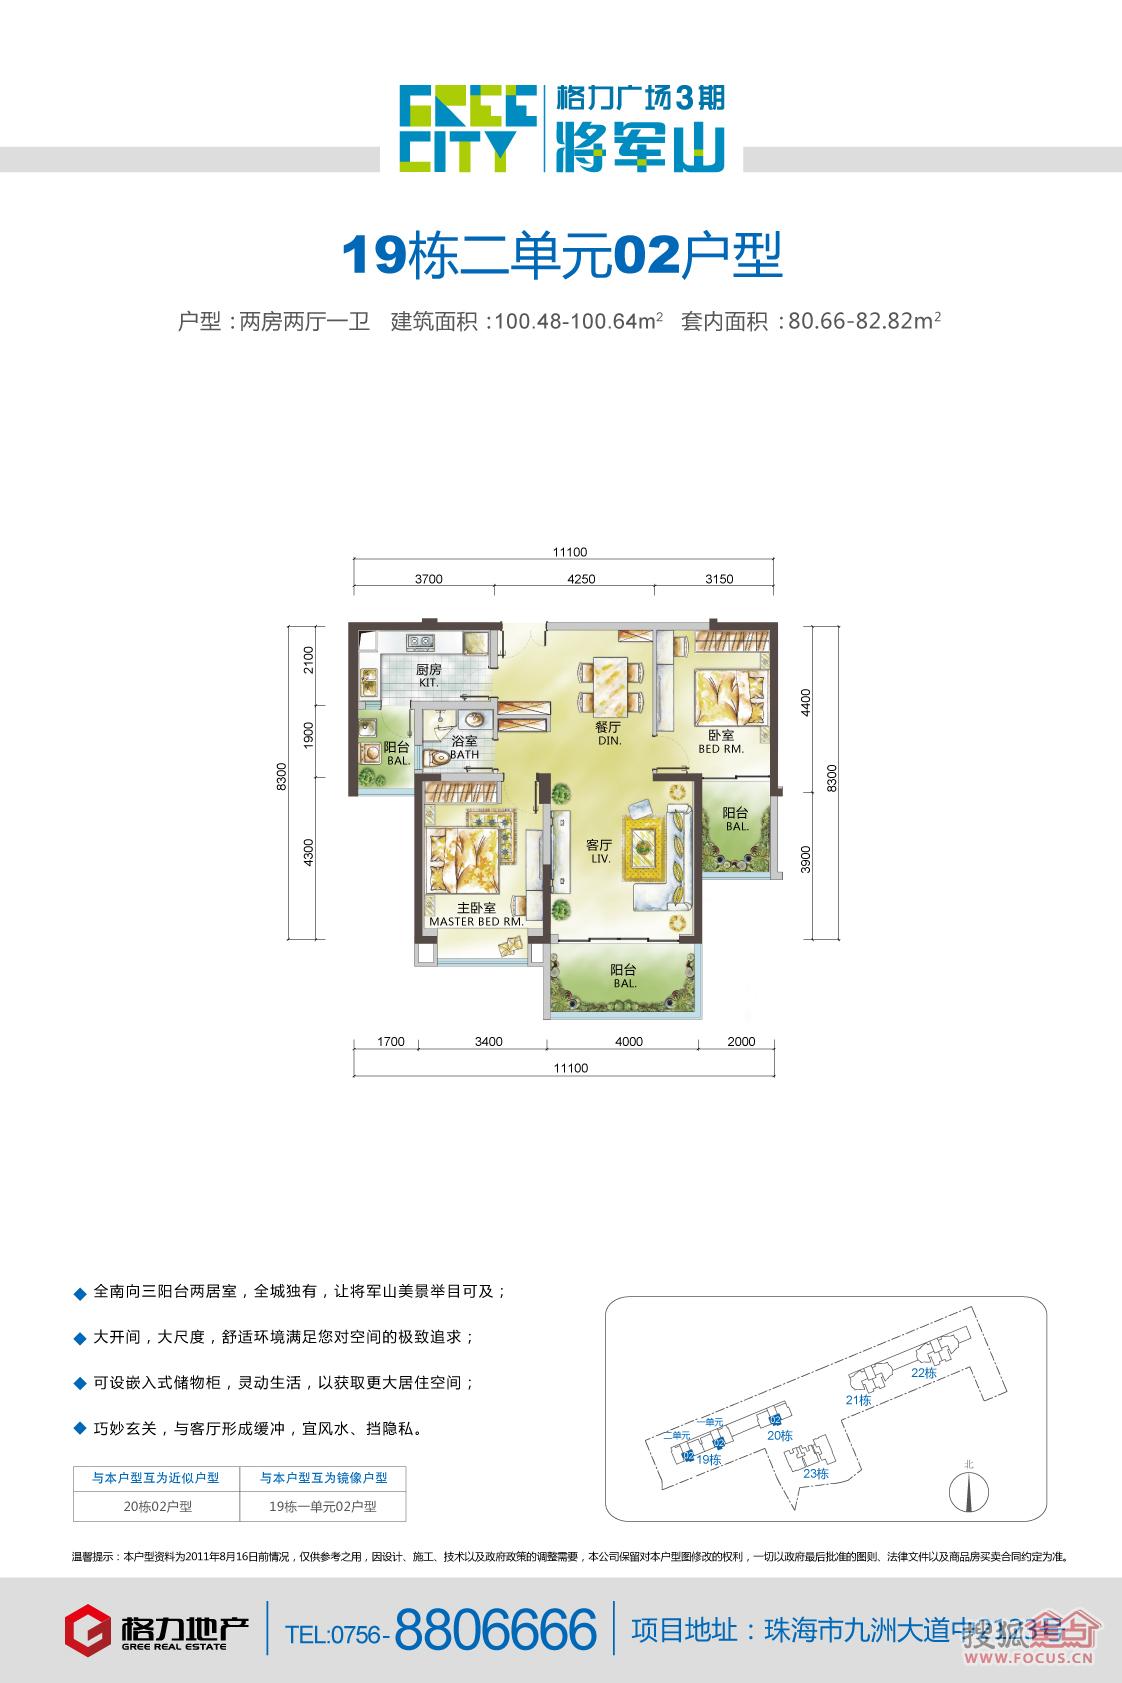 格力广场3期-将军山 - 珠海 - 楼书资料 | 澳门房地产